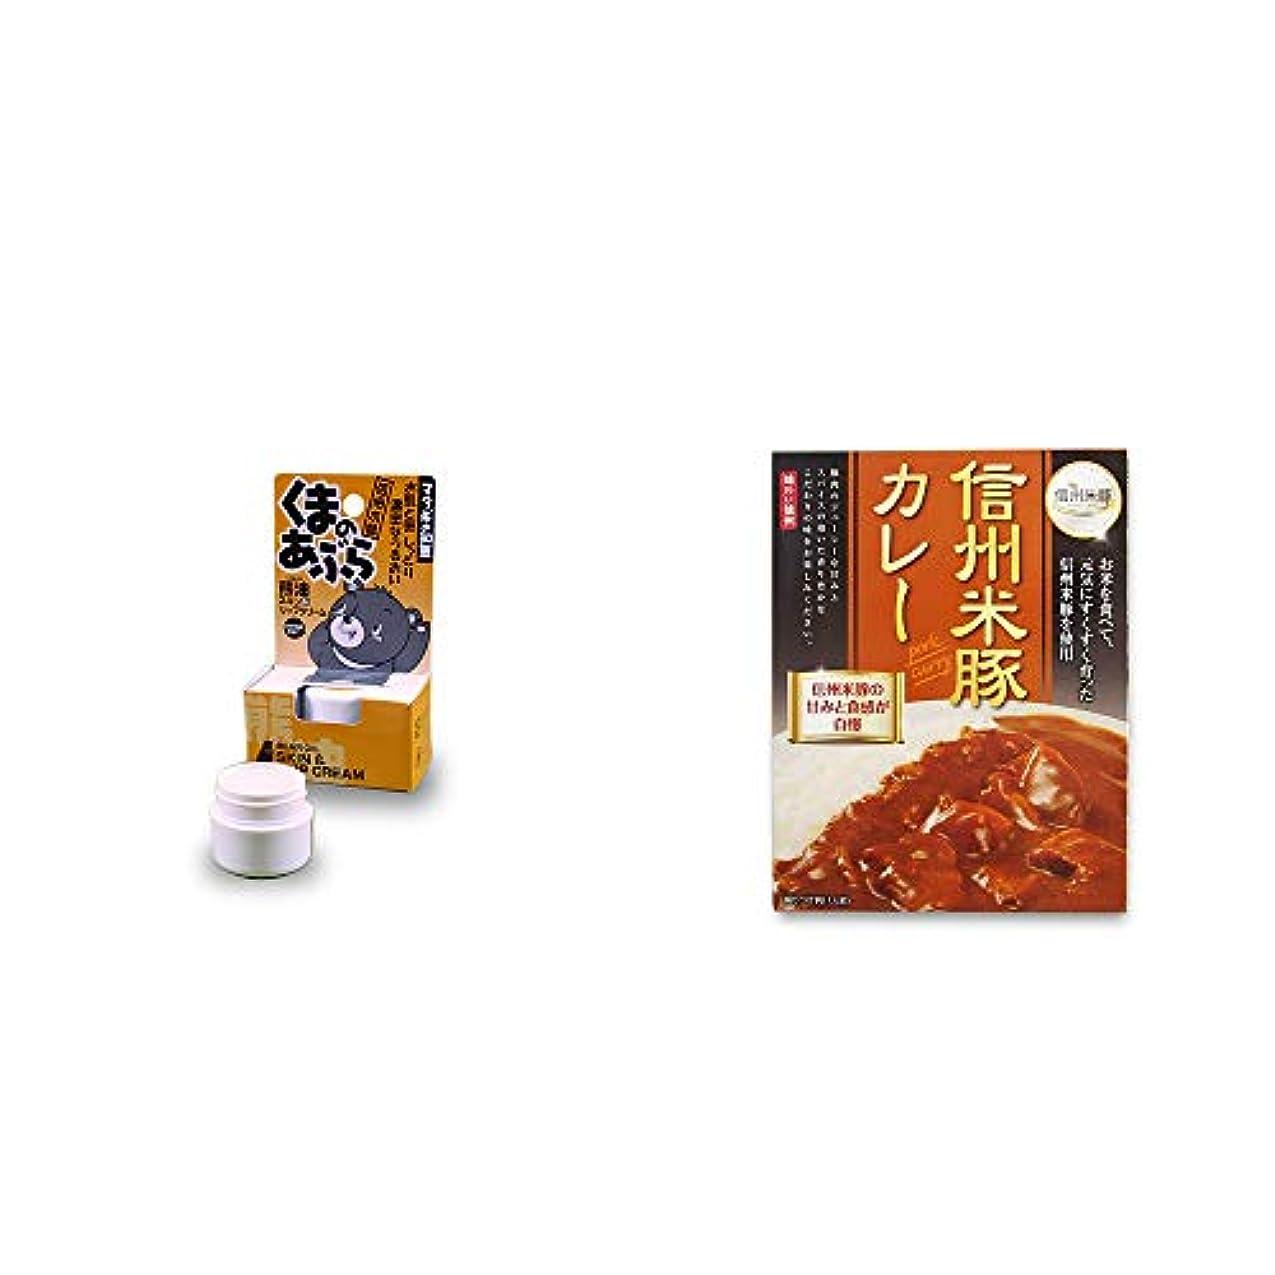 ビジネス減る酸化物[2点セット] 信州木曽 くまのあぶら 熊油スキン&リップクリーム(9g)?信州米豚カレー(1食分)